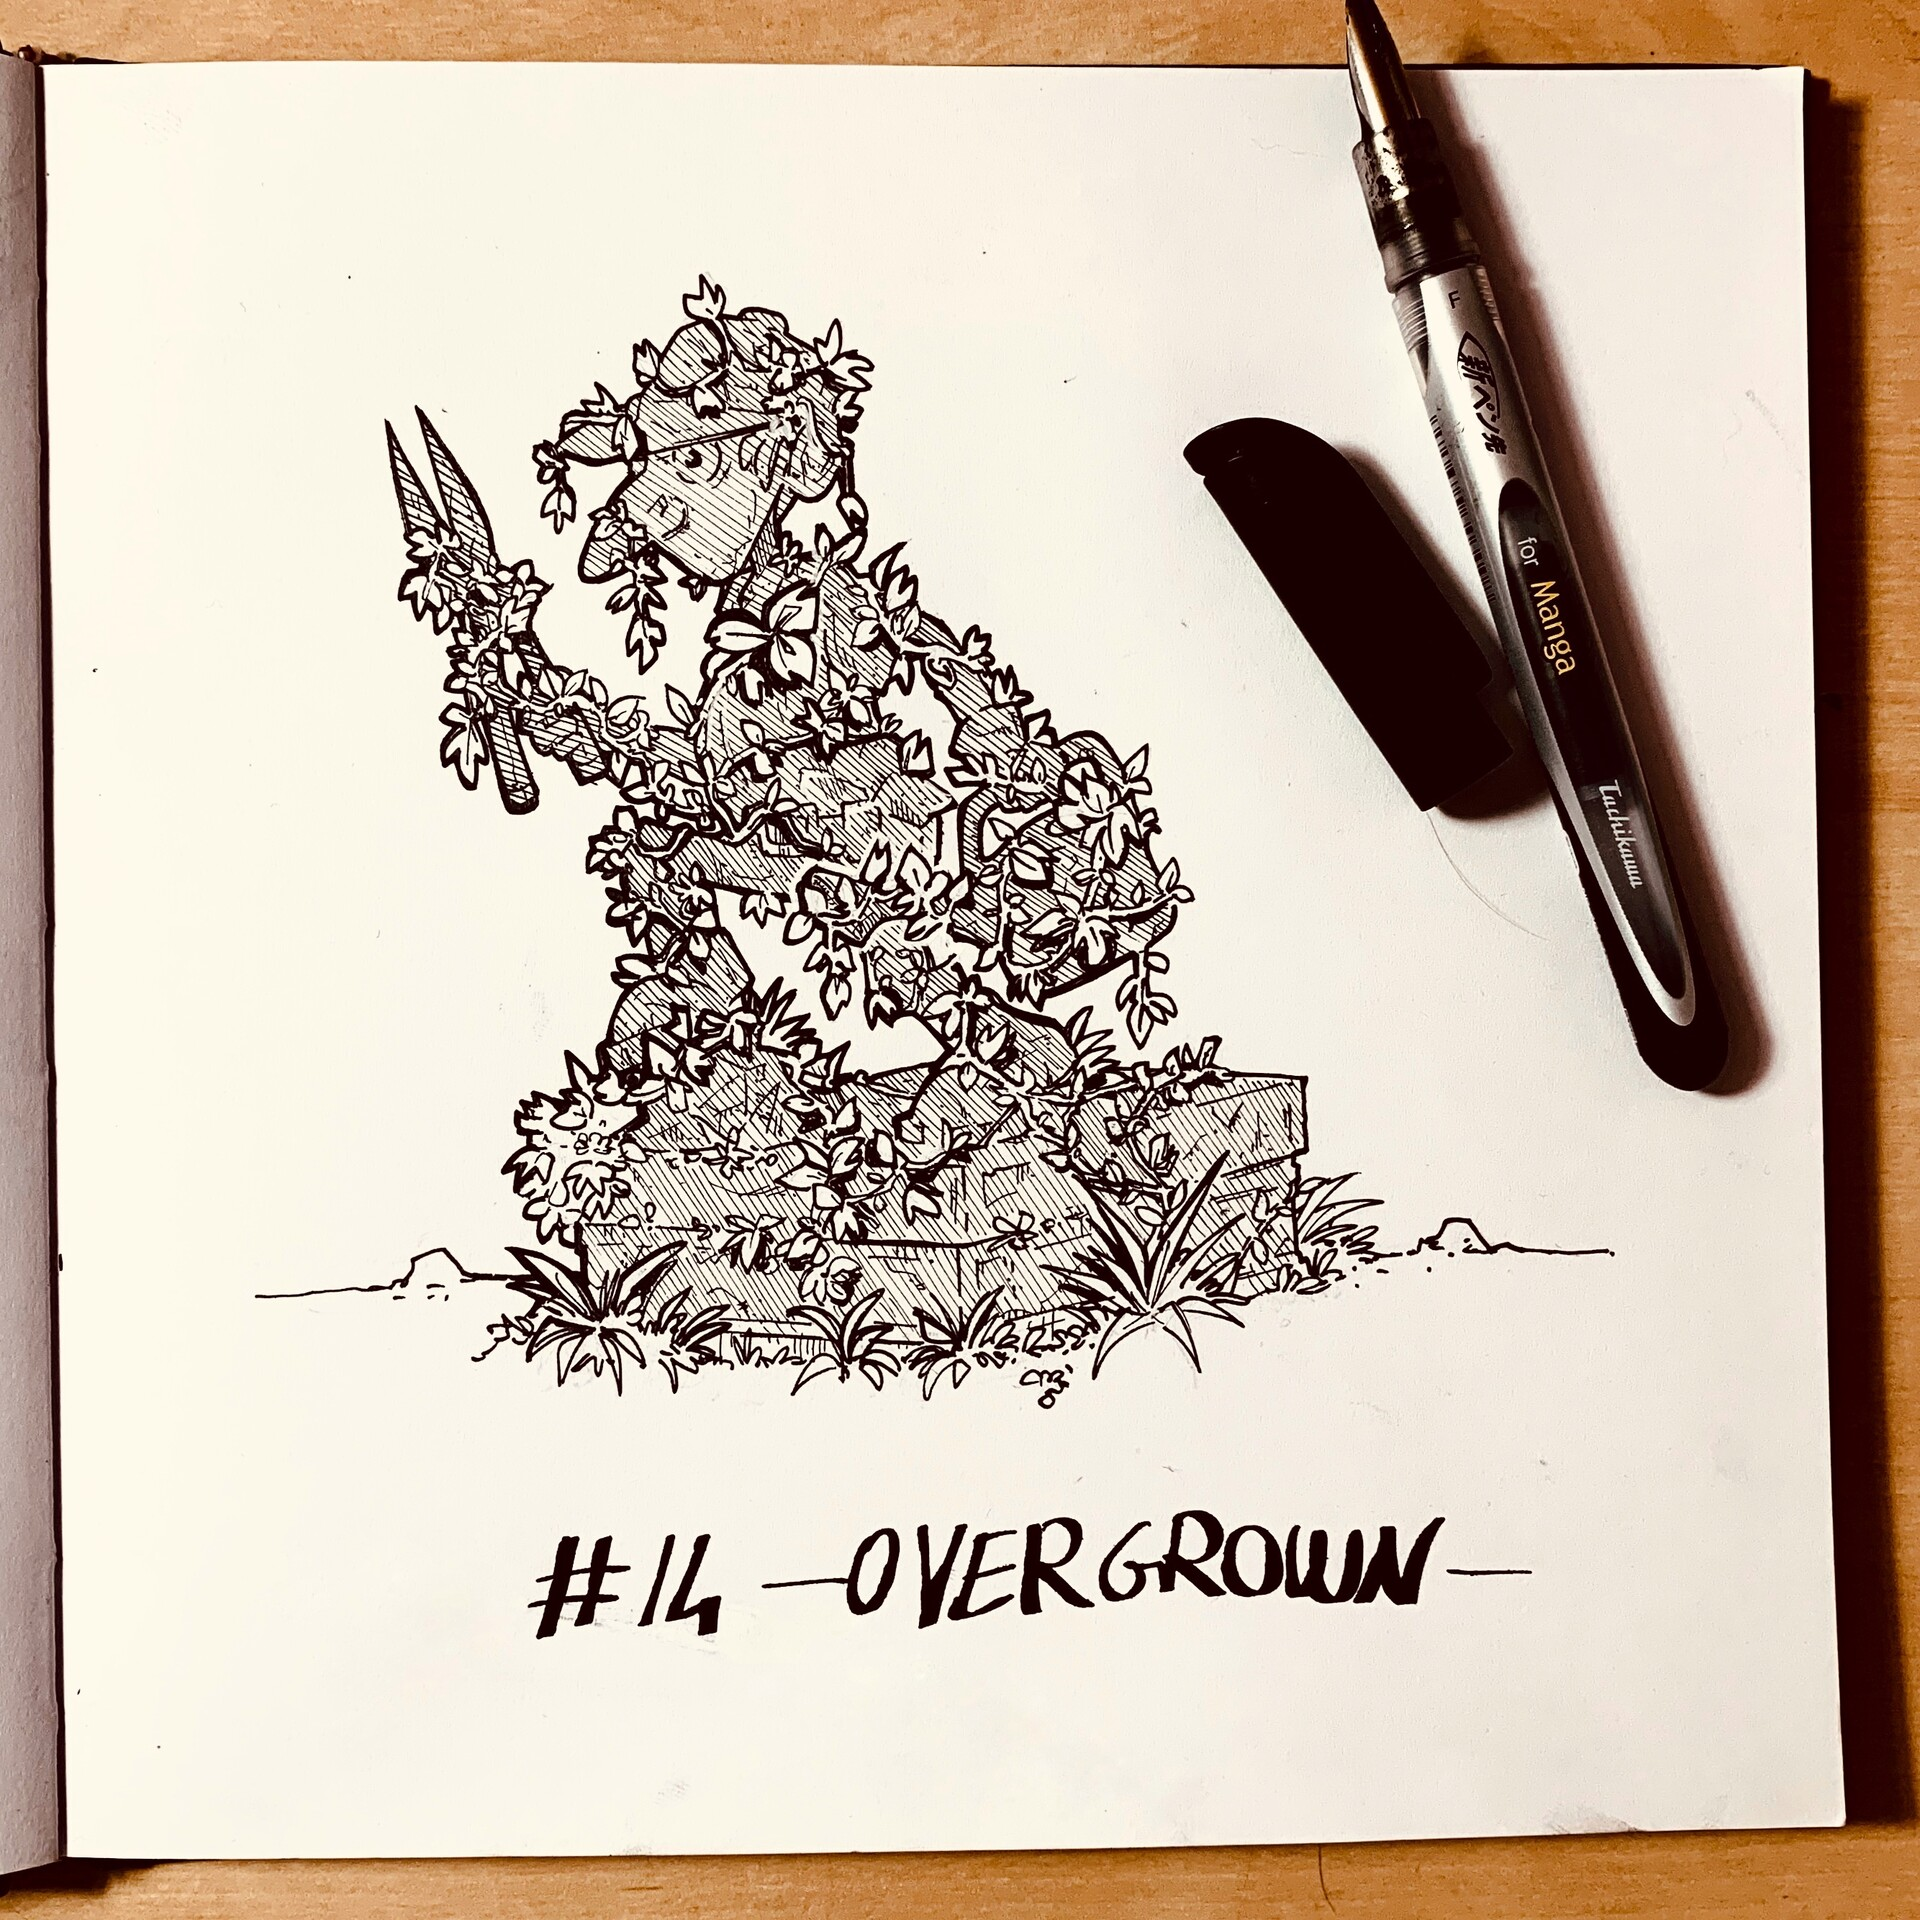 Inktober 2019: #14. Overgrown